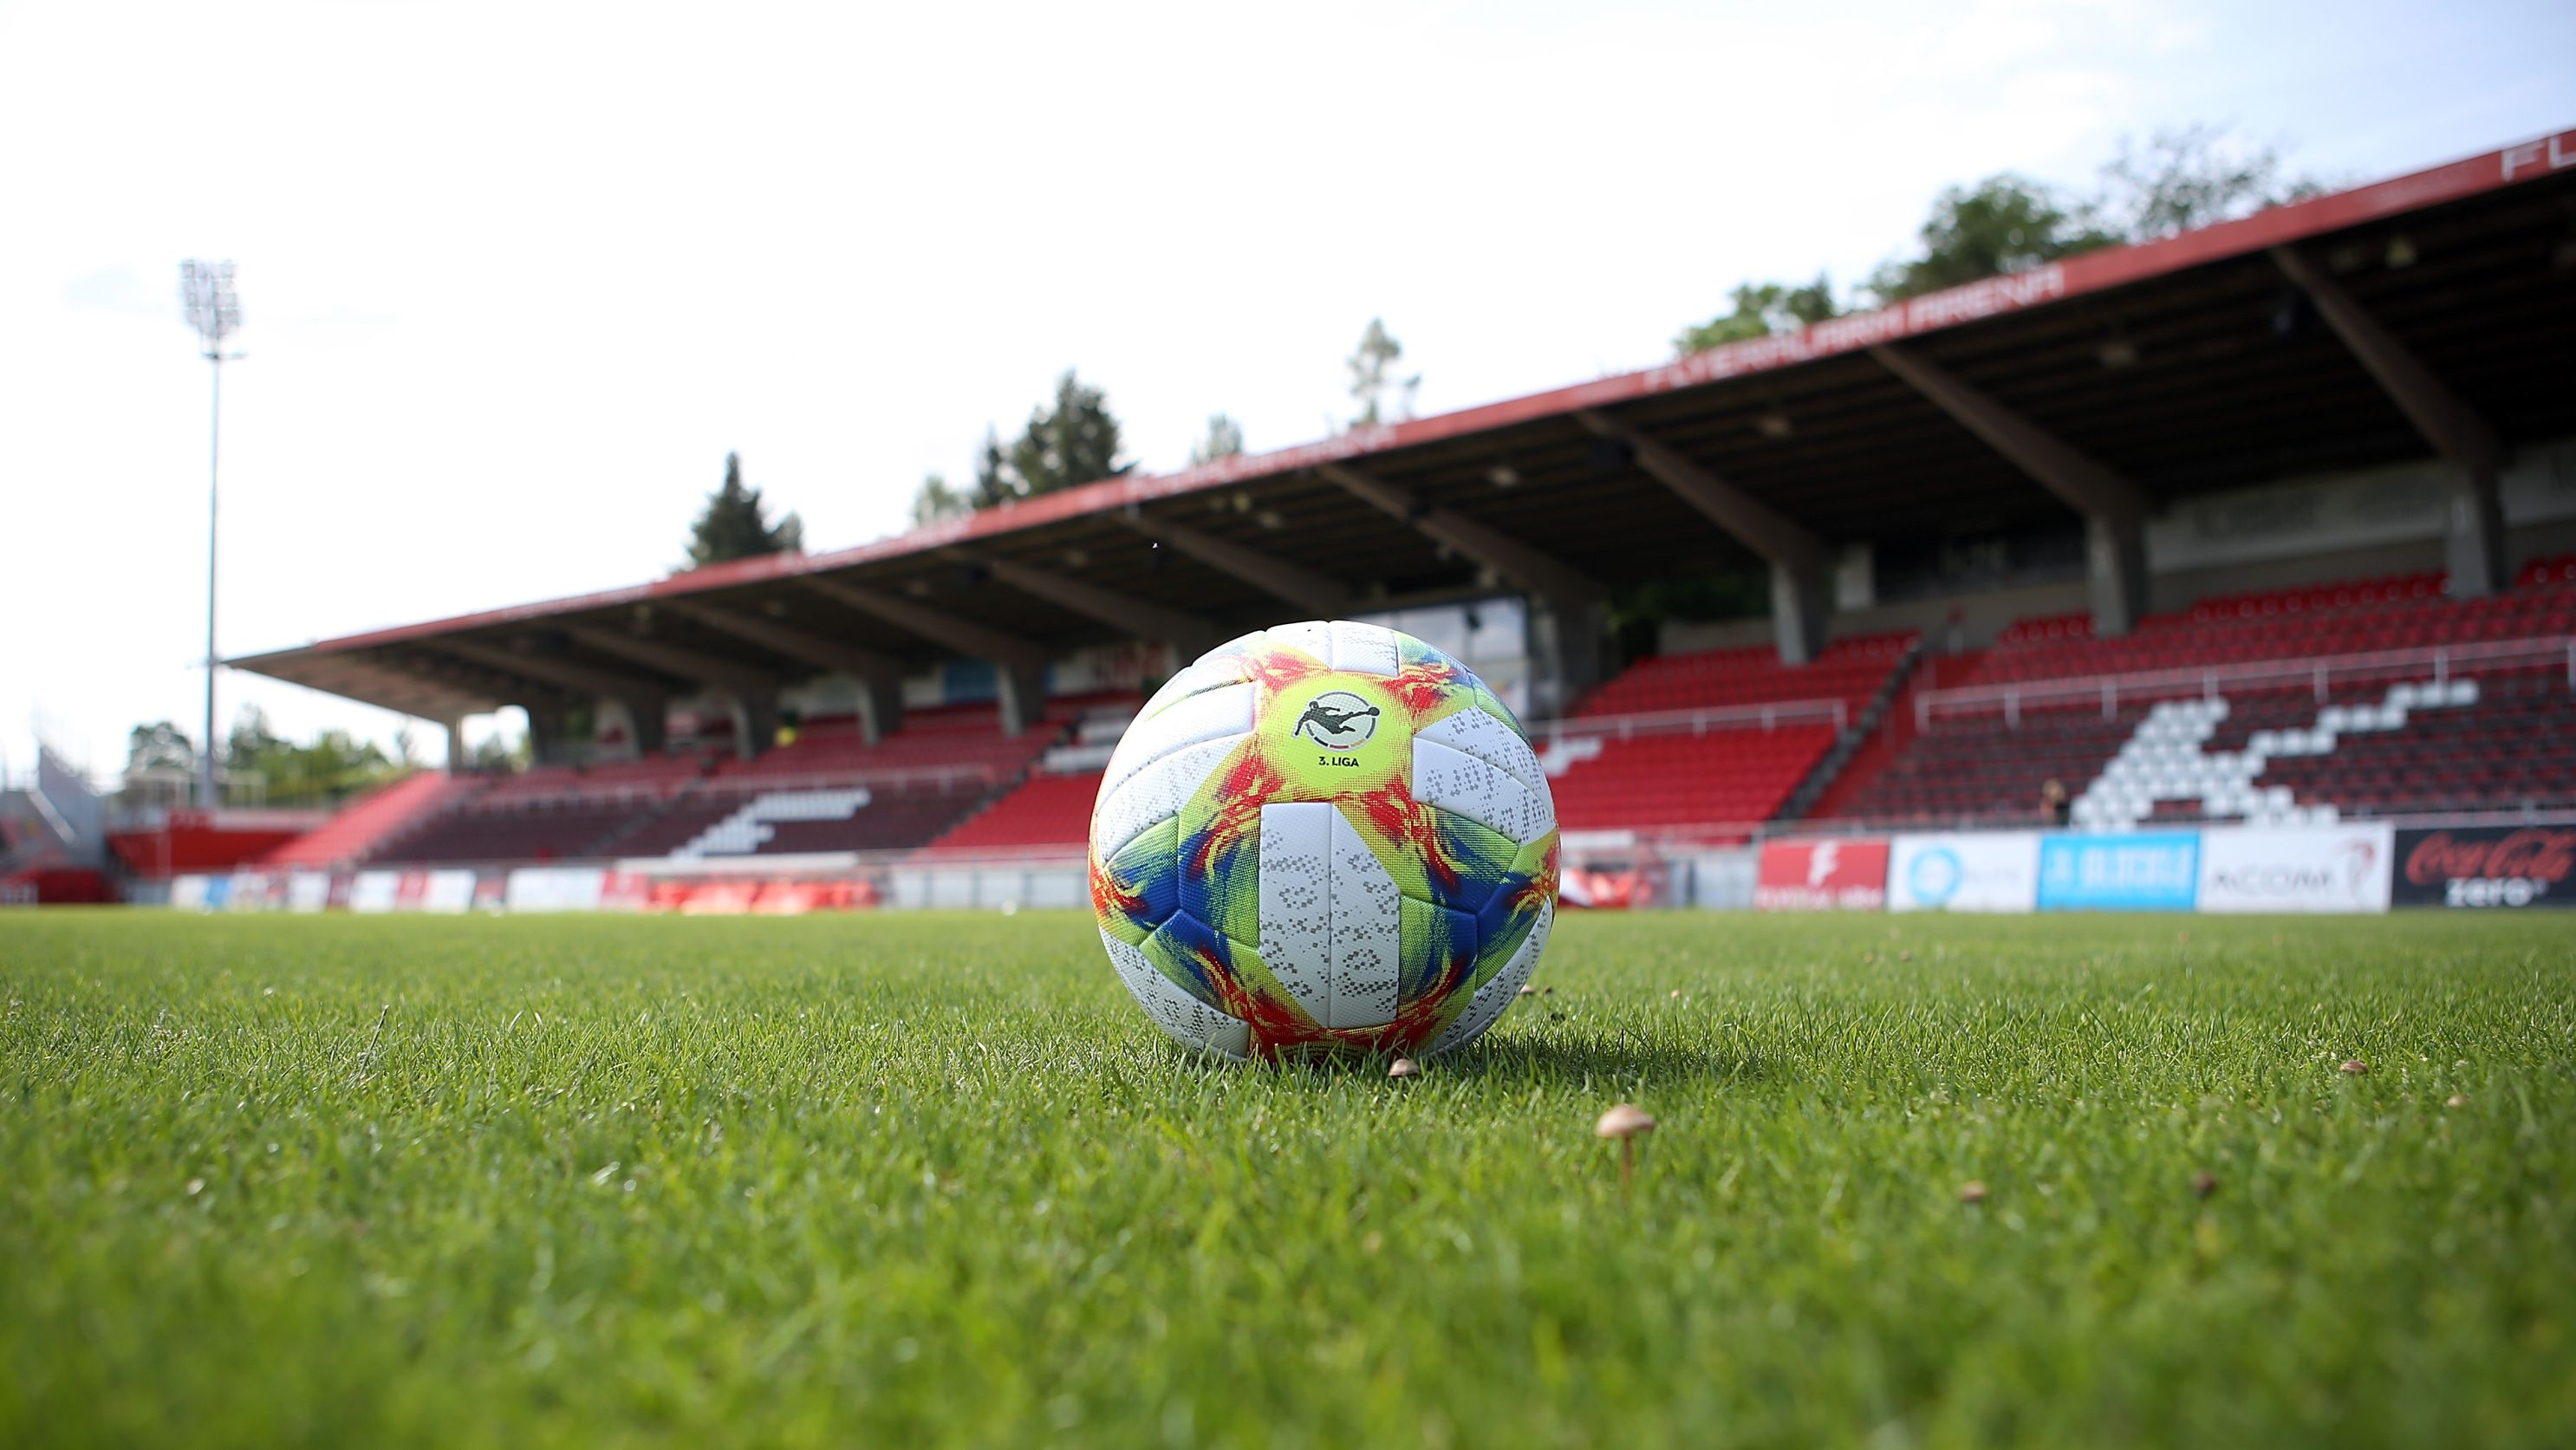 Das Stadion der Würzburger Kickers am Dallenberg